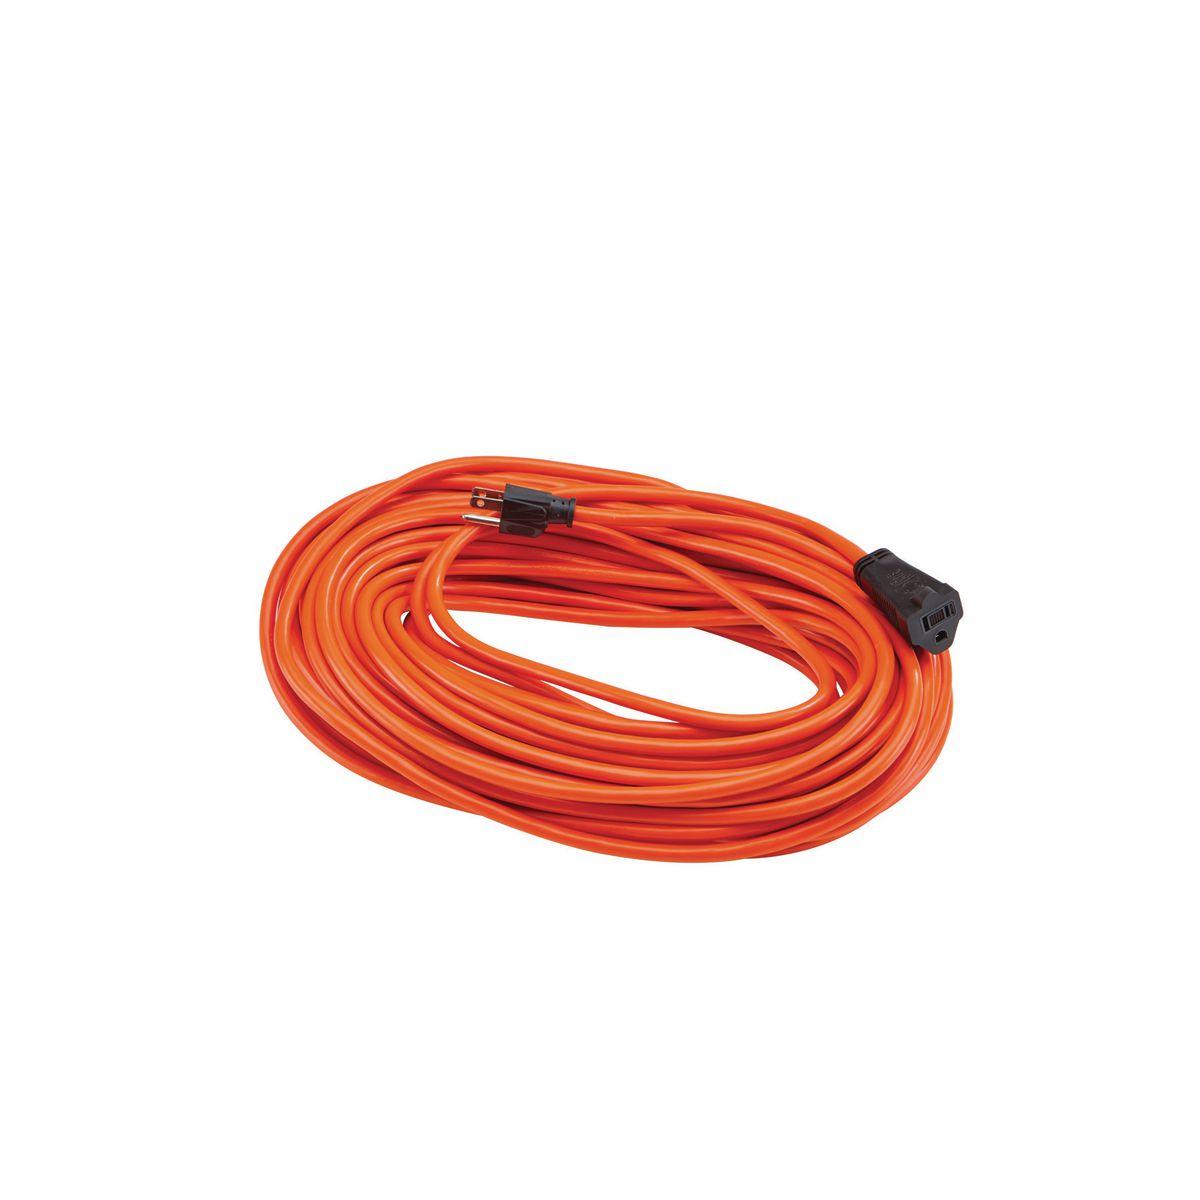 100 Ft X 16 Gauge Indoor Outdoor Extension Cord